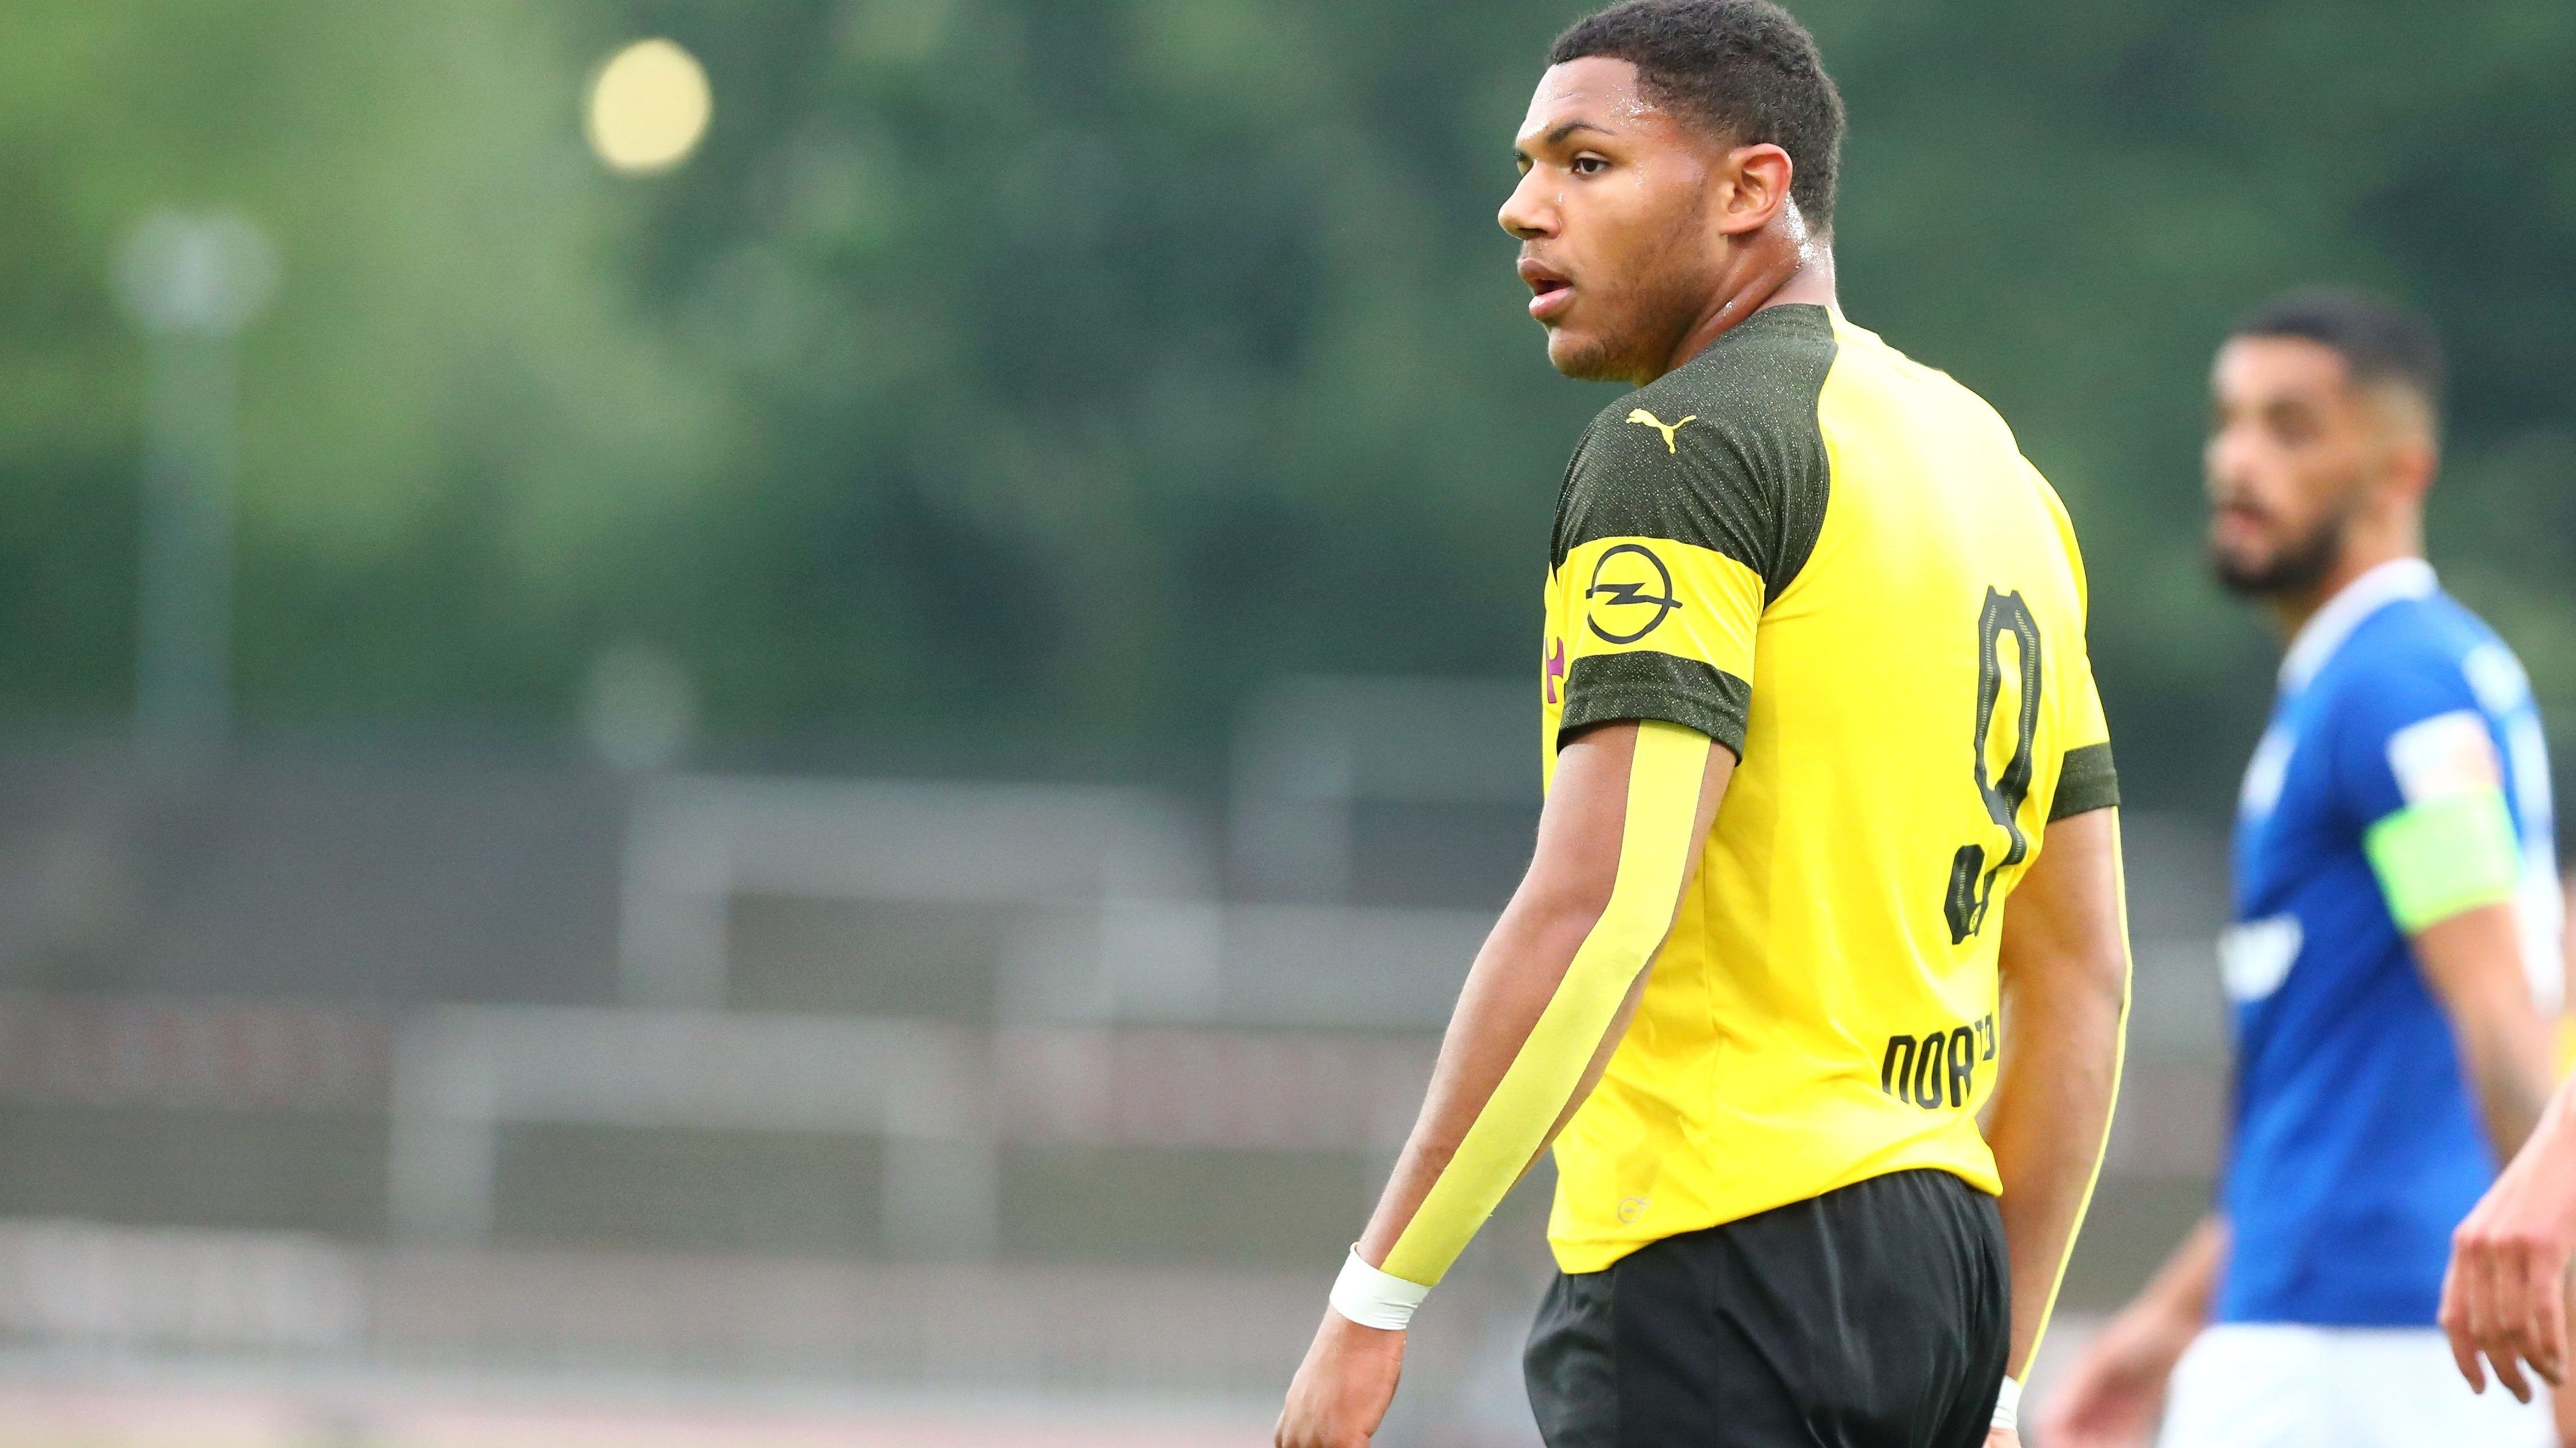 Paul-Philippe Besong, der 2019 U19 Meisterschaft mit dem BVB